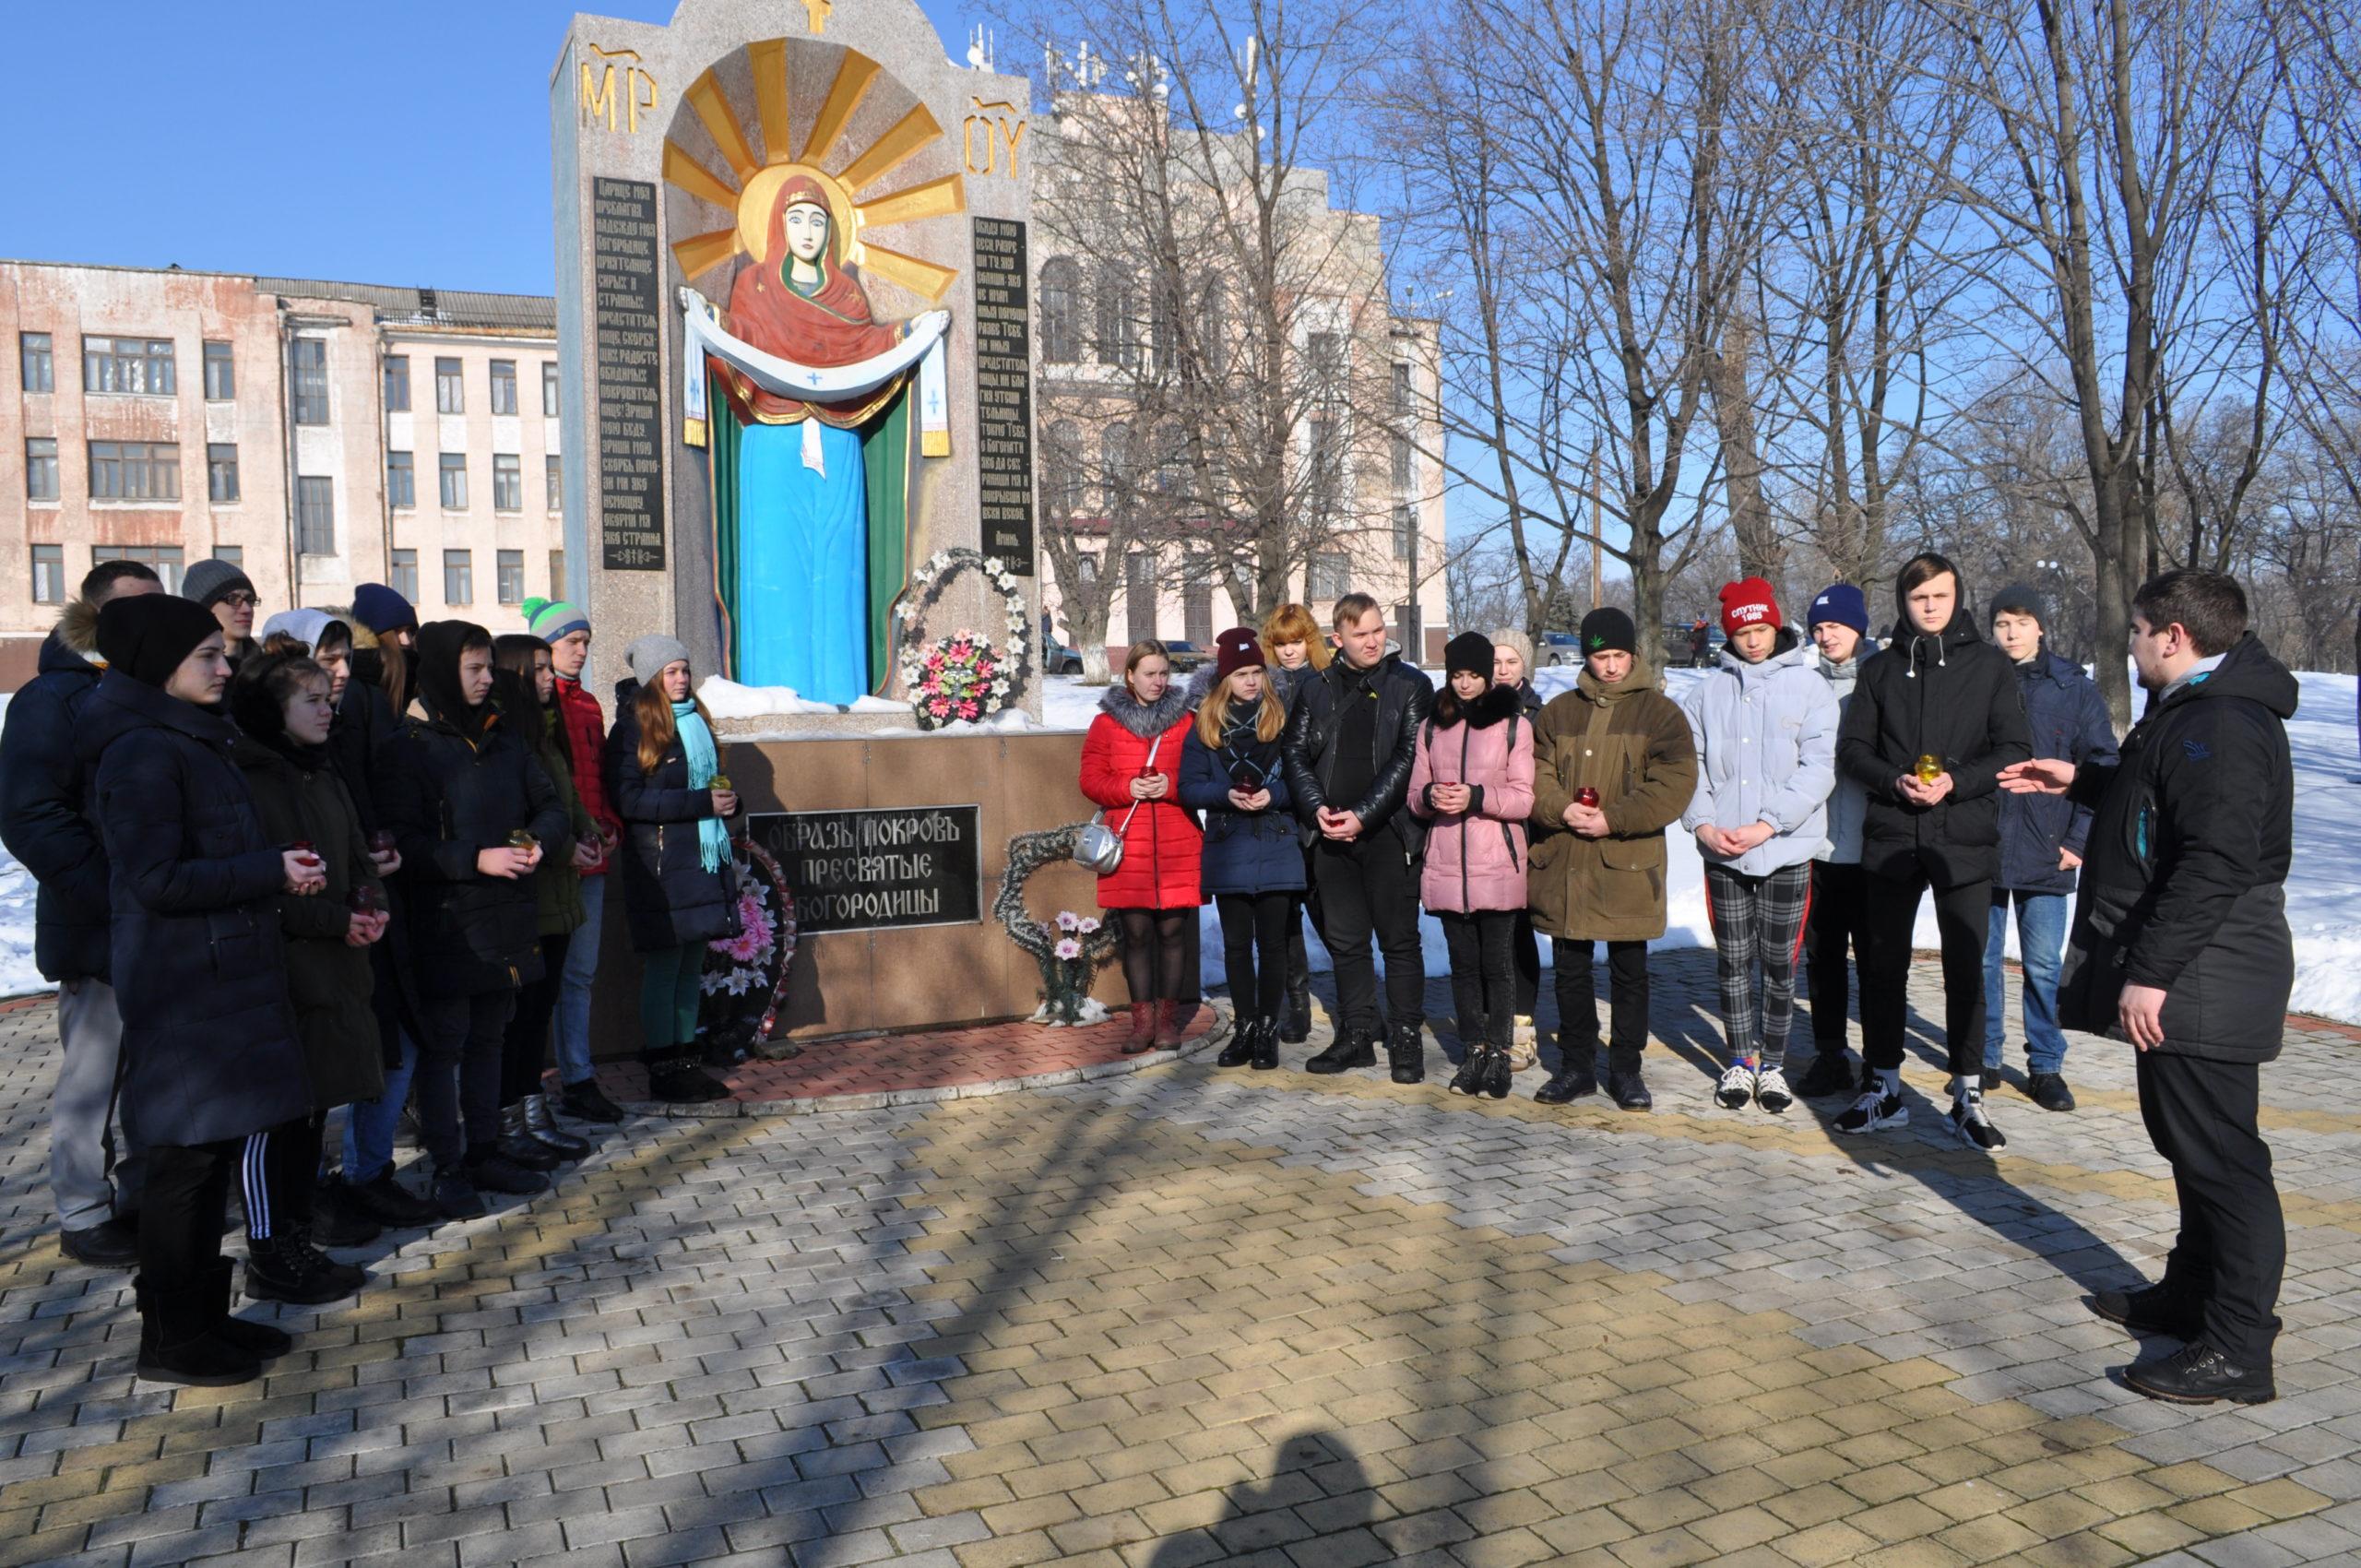 Акция «Свеча Памяти», приуроченная к годовщине обстрела города украинскими силовиками, прошла в Брянке 2